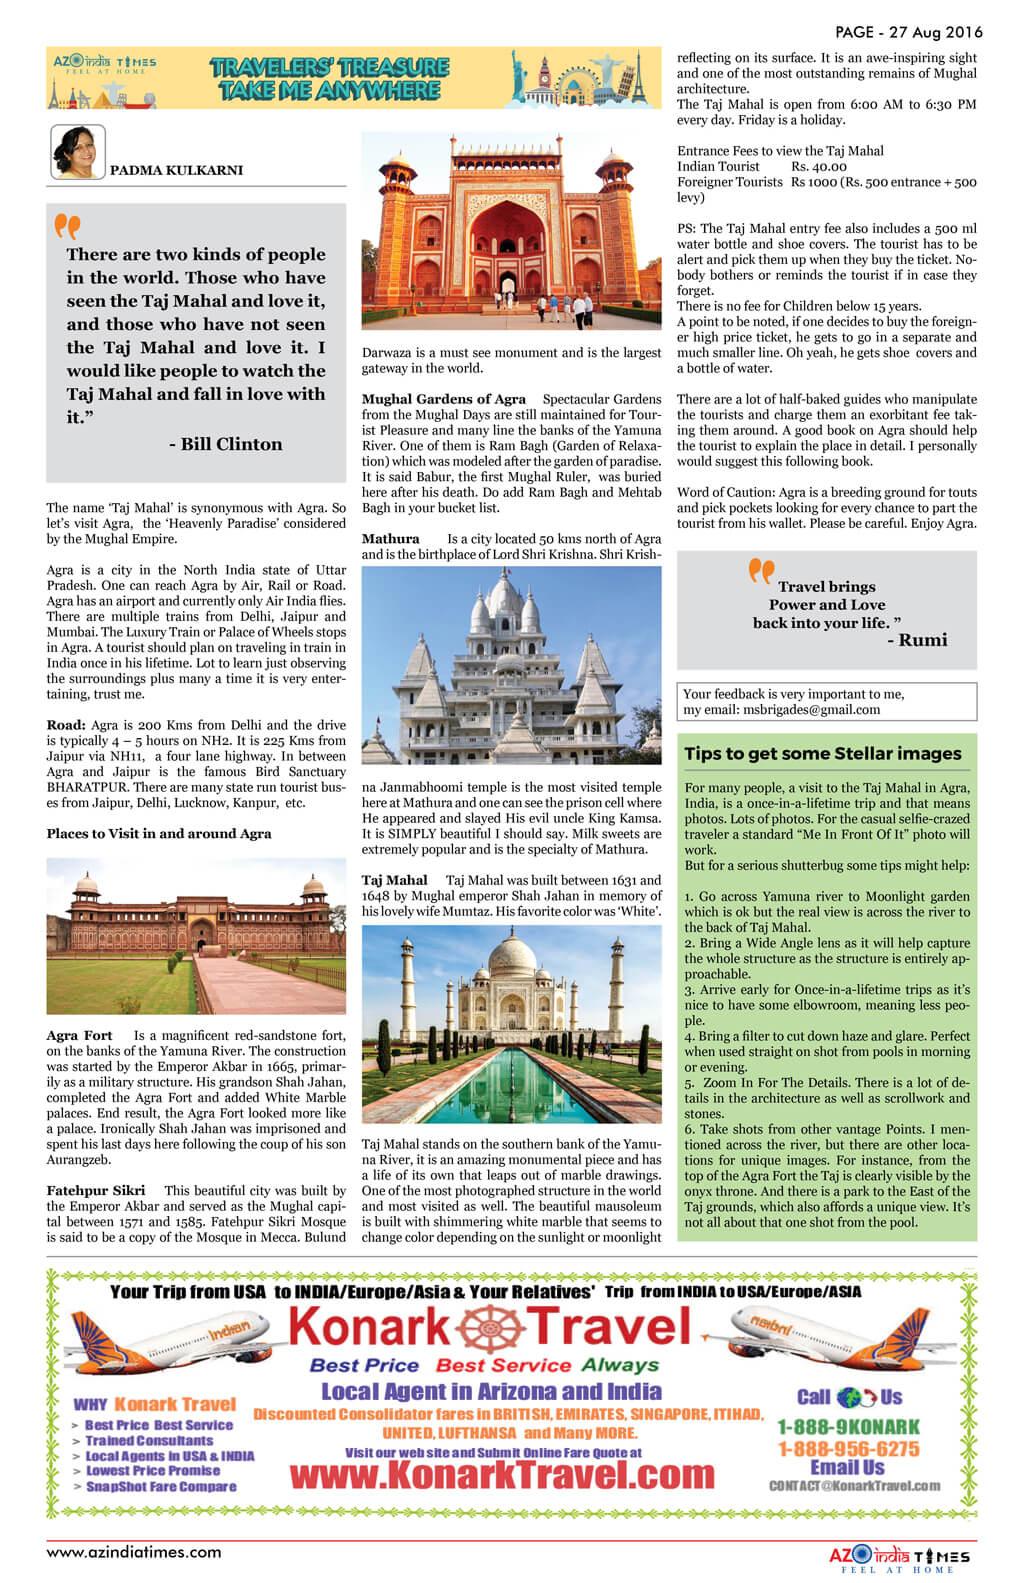 az-india-times27